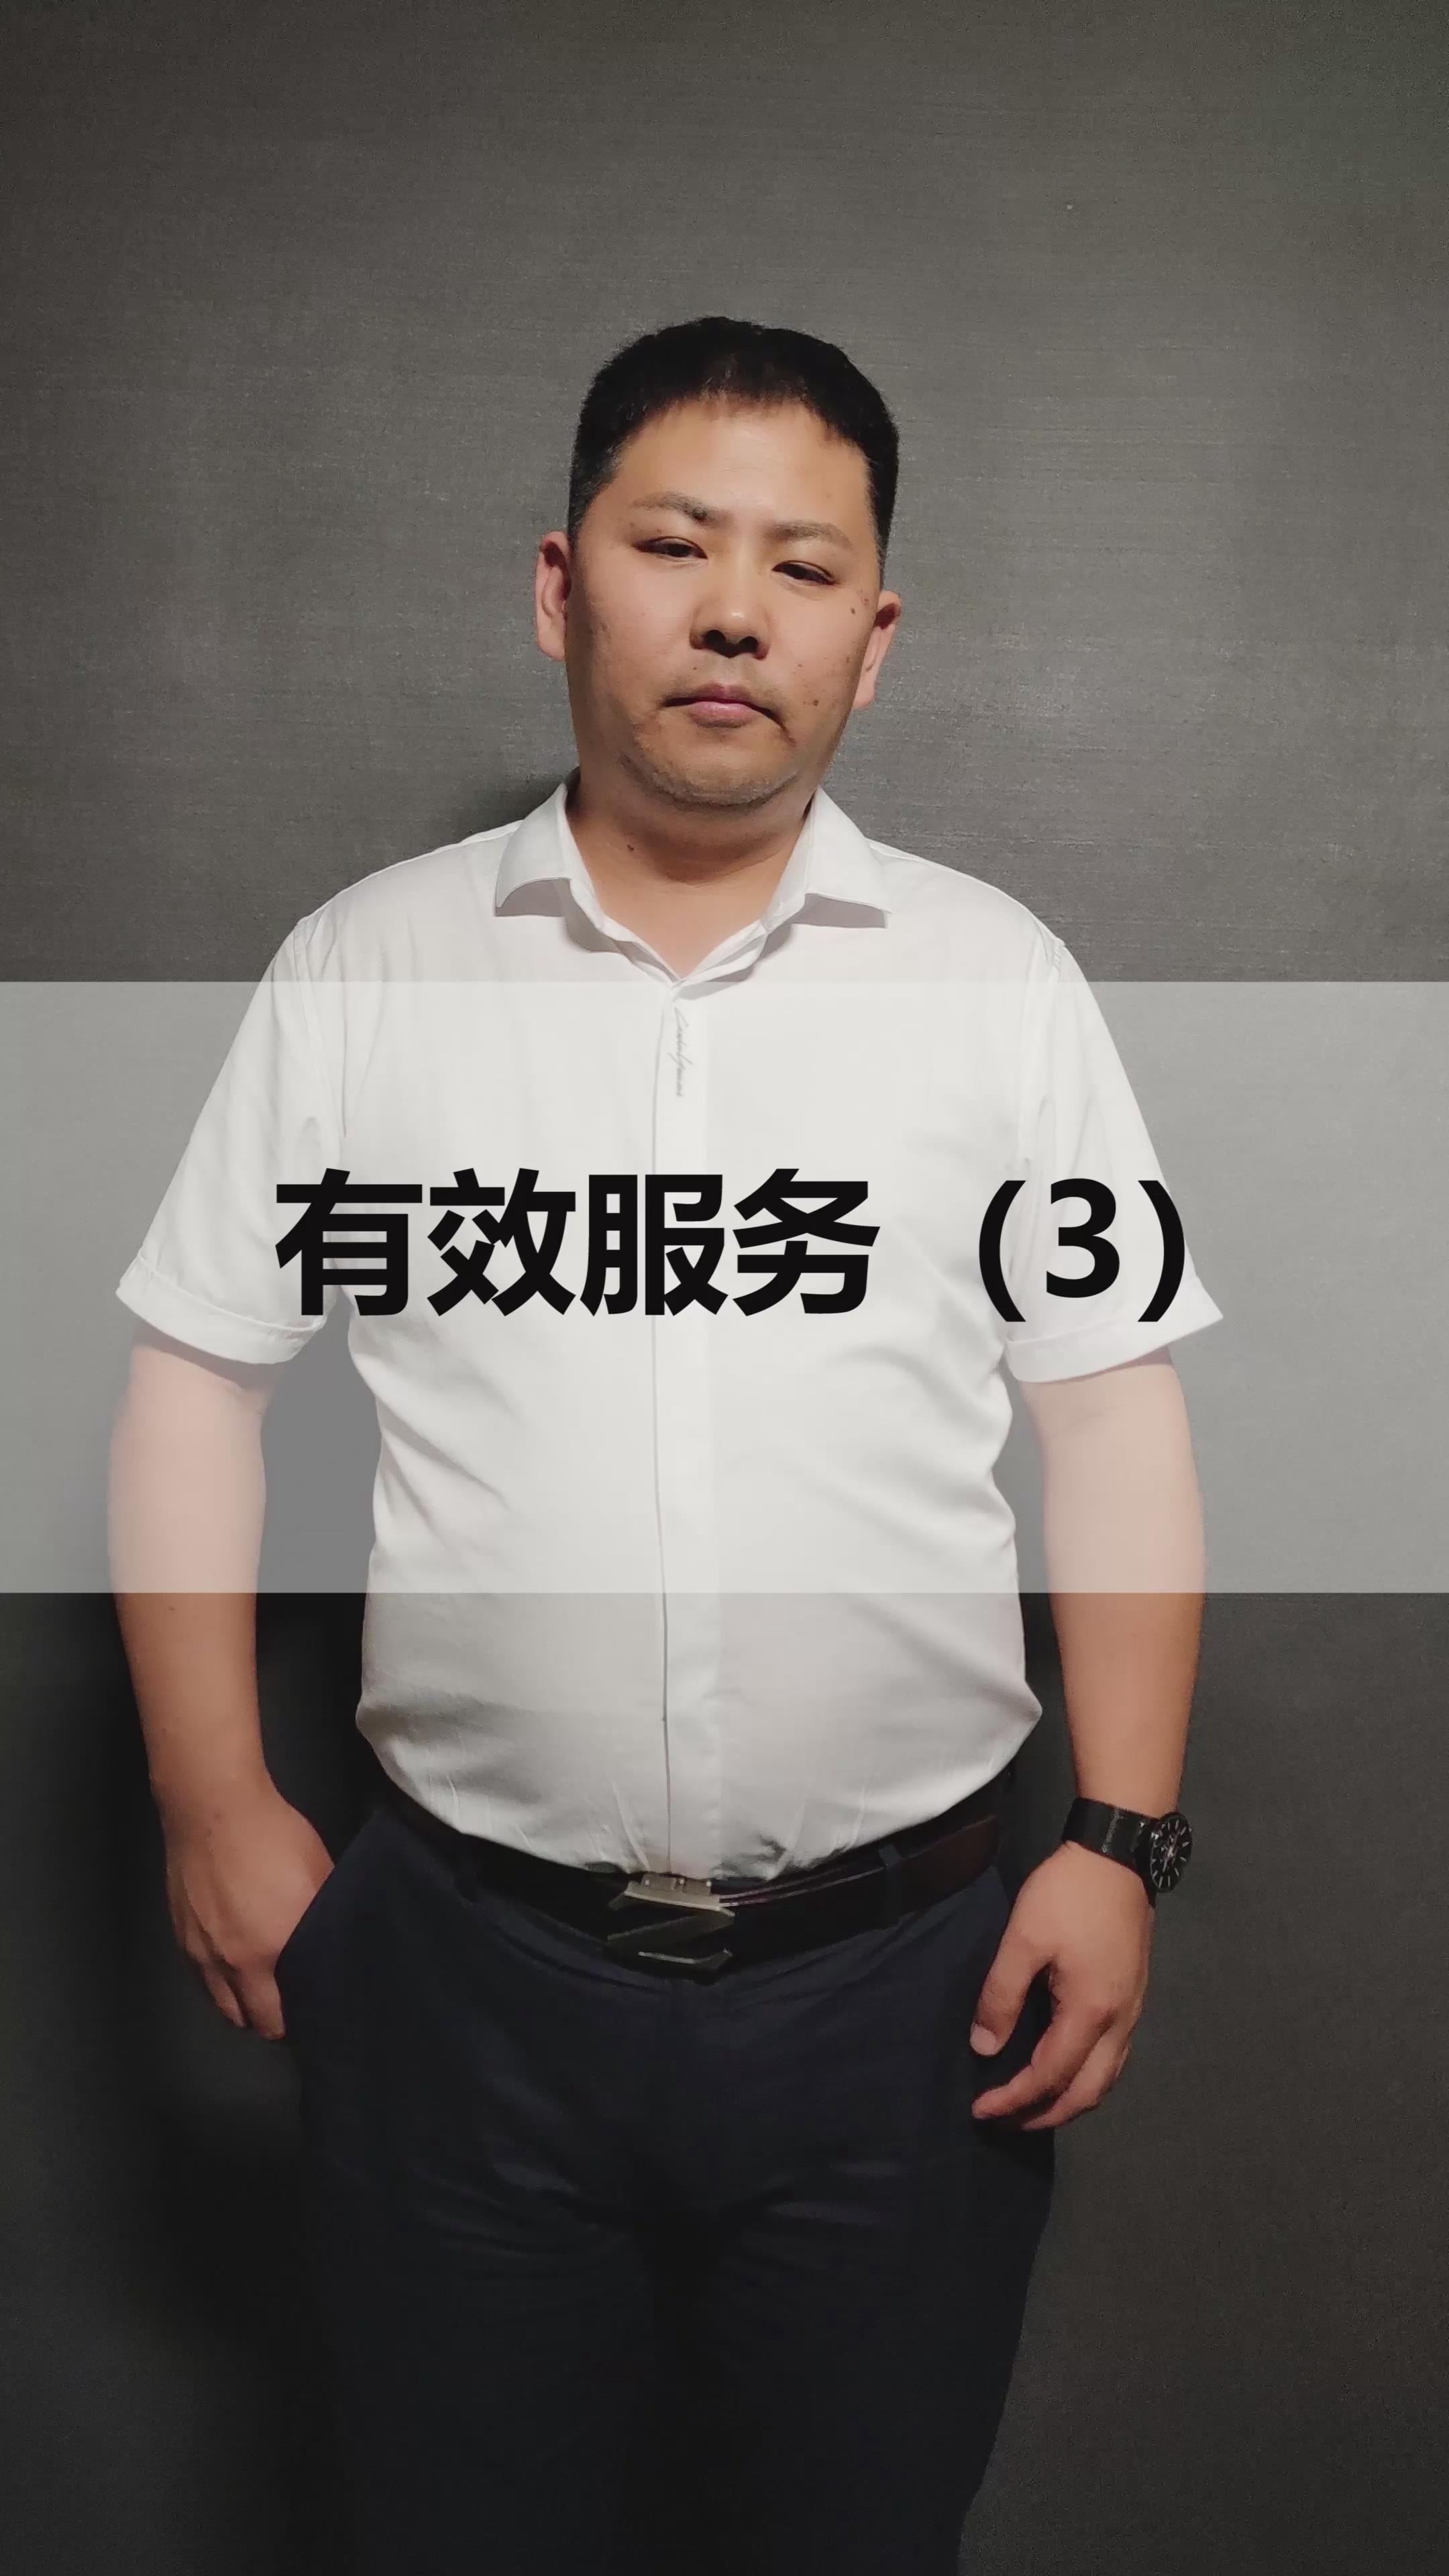 有效服务(三)